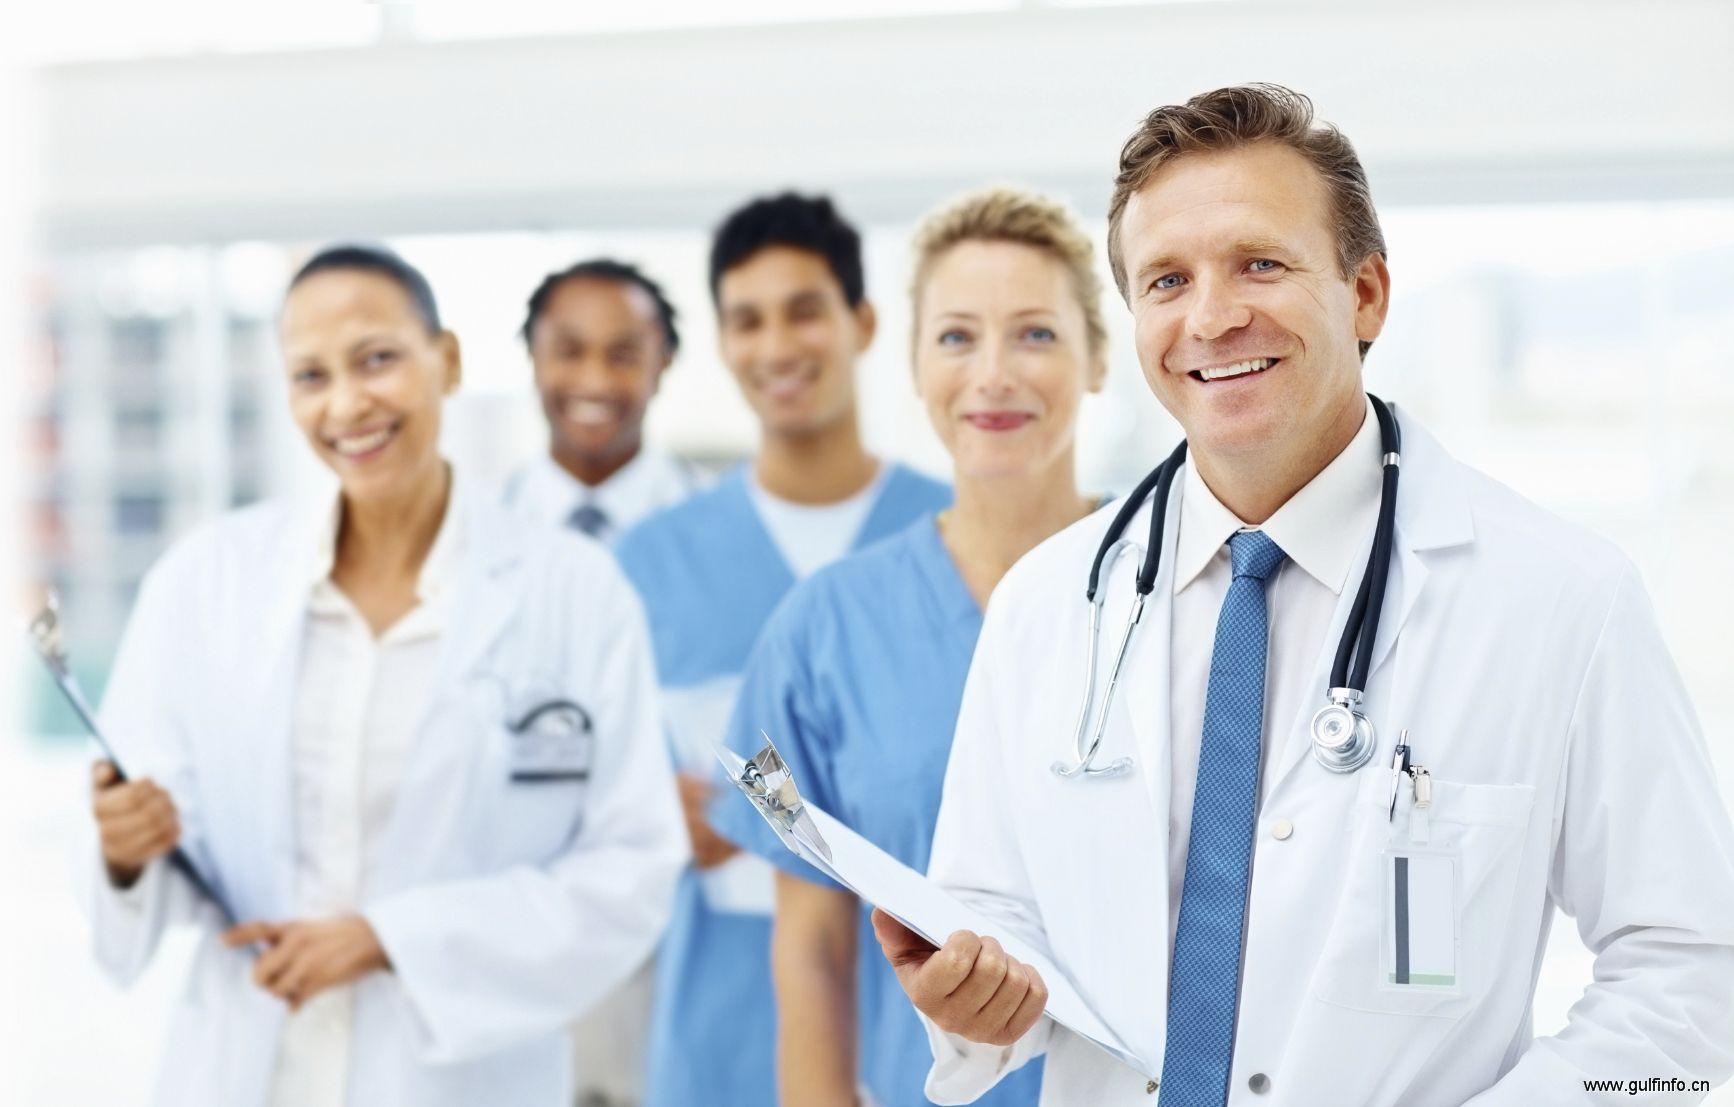 沙特健康服务市场持续增长